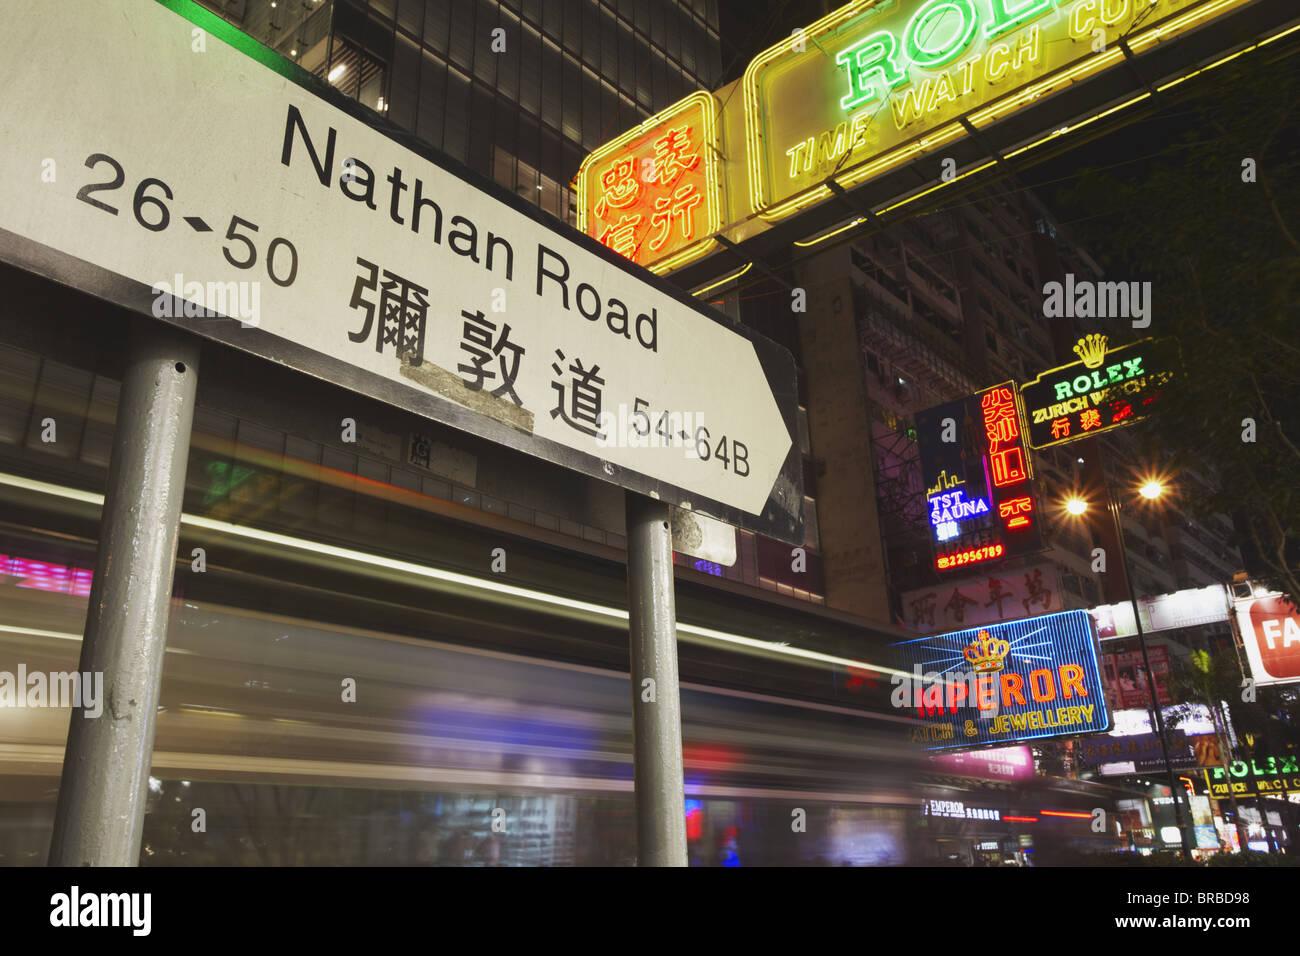 Bus moving along Nathan Road, Tsim Sha Tsui, Kowloon, Hong Kong, China - Stock Image